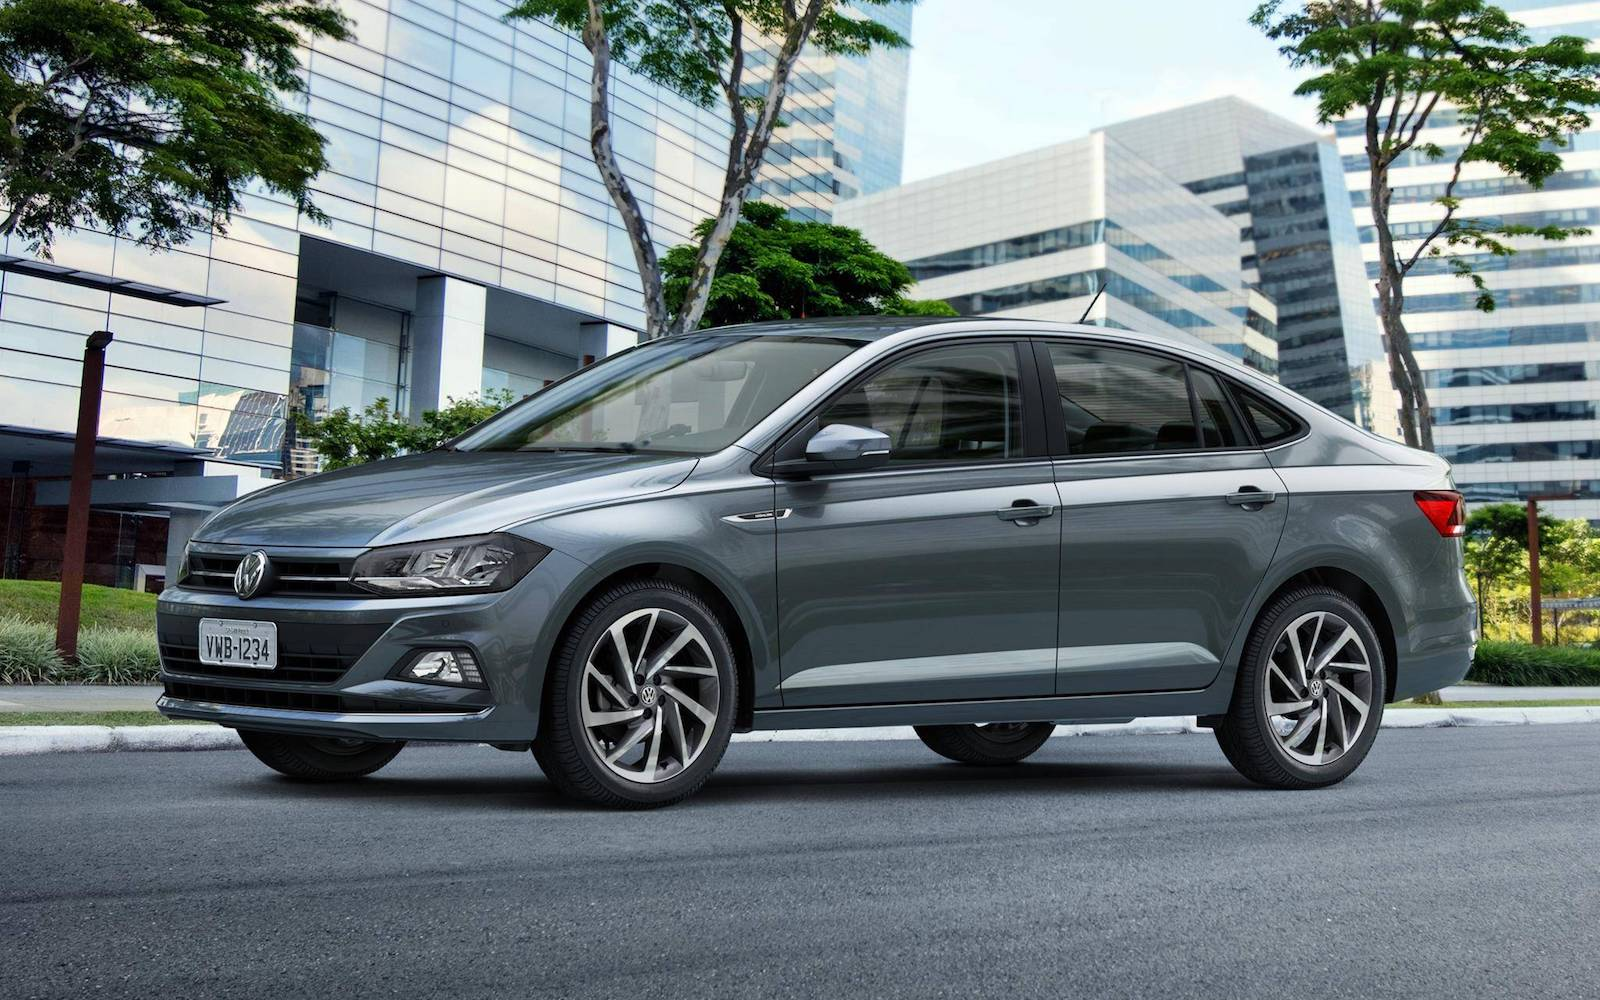 volkswagen virtus 2020  precios y versiones en m u00e9xico  u2013 autos y moda m u00e9xico